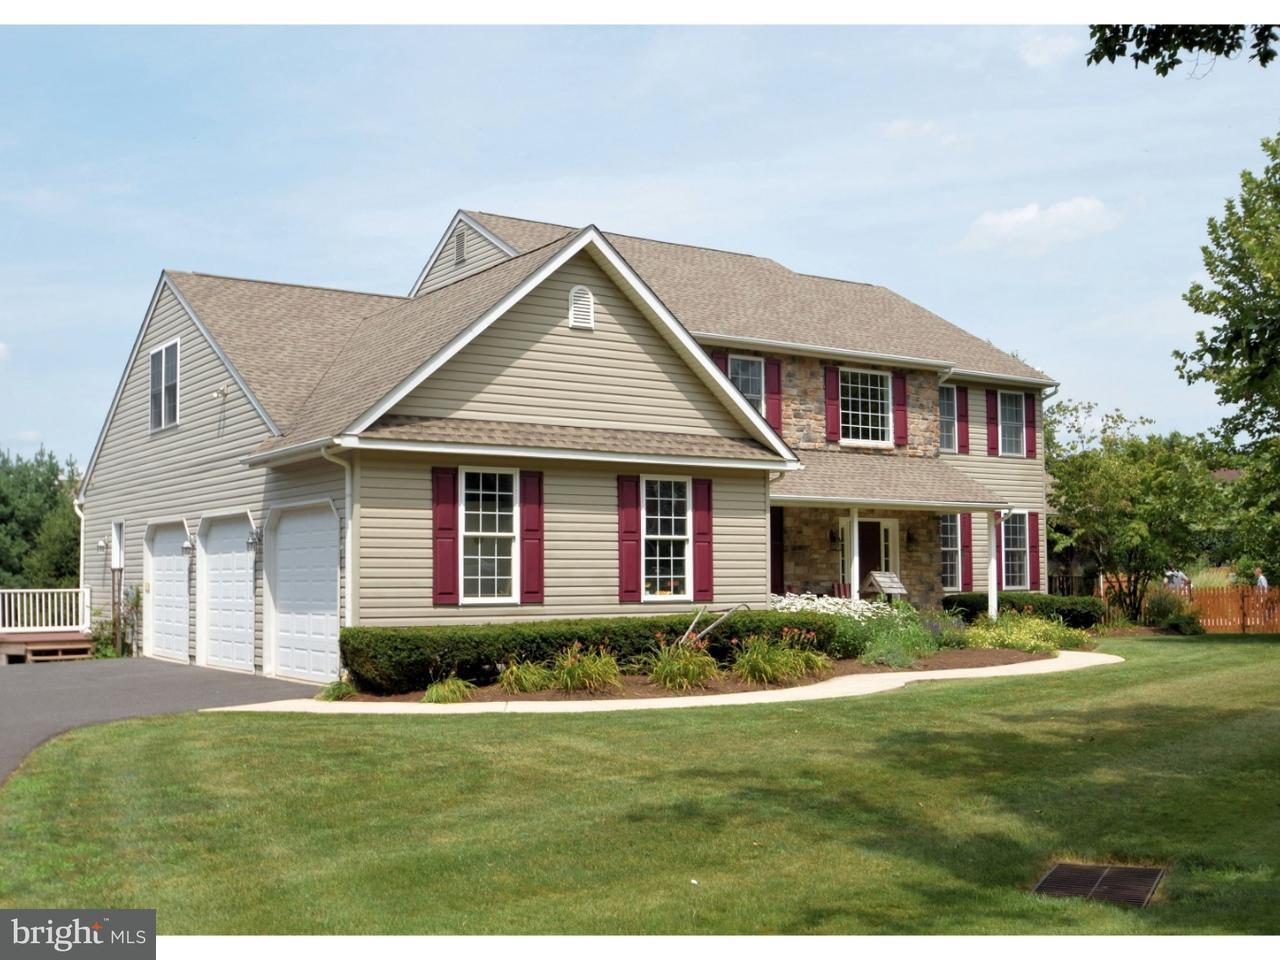 Частный односемейный дом для того Продажа на 231 HARLEYSVILLE PIKE Telford, Пенсильвания 18964 Соединенные Штаты